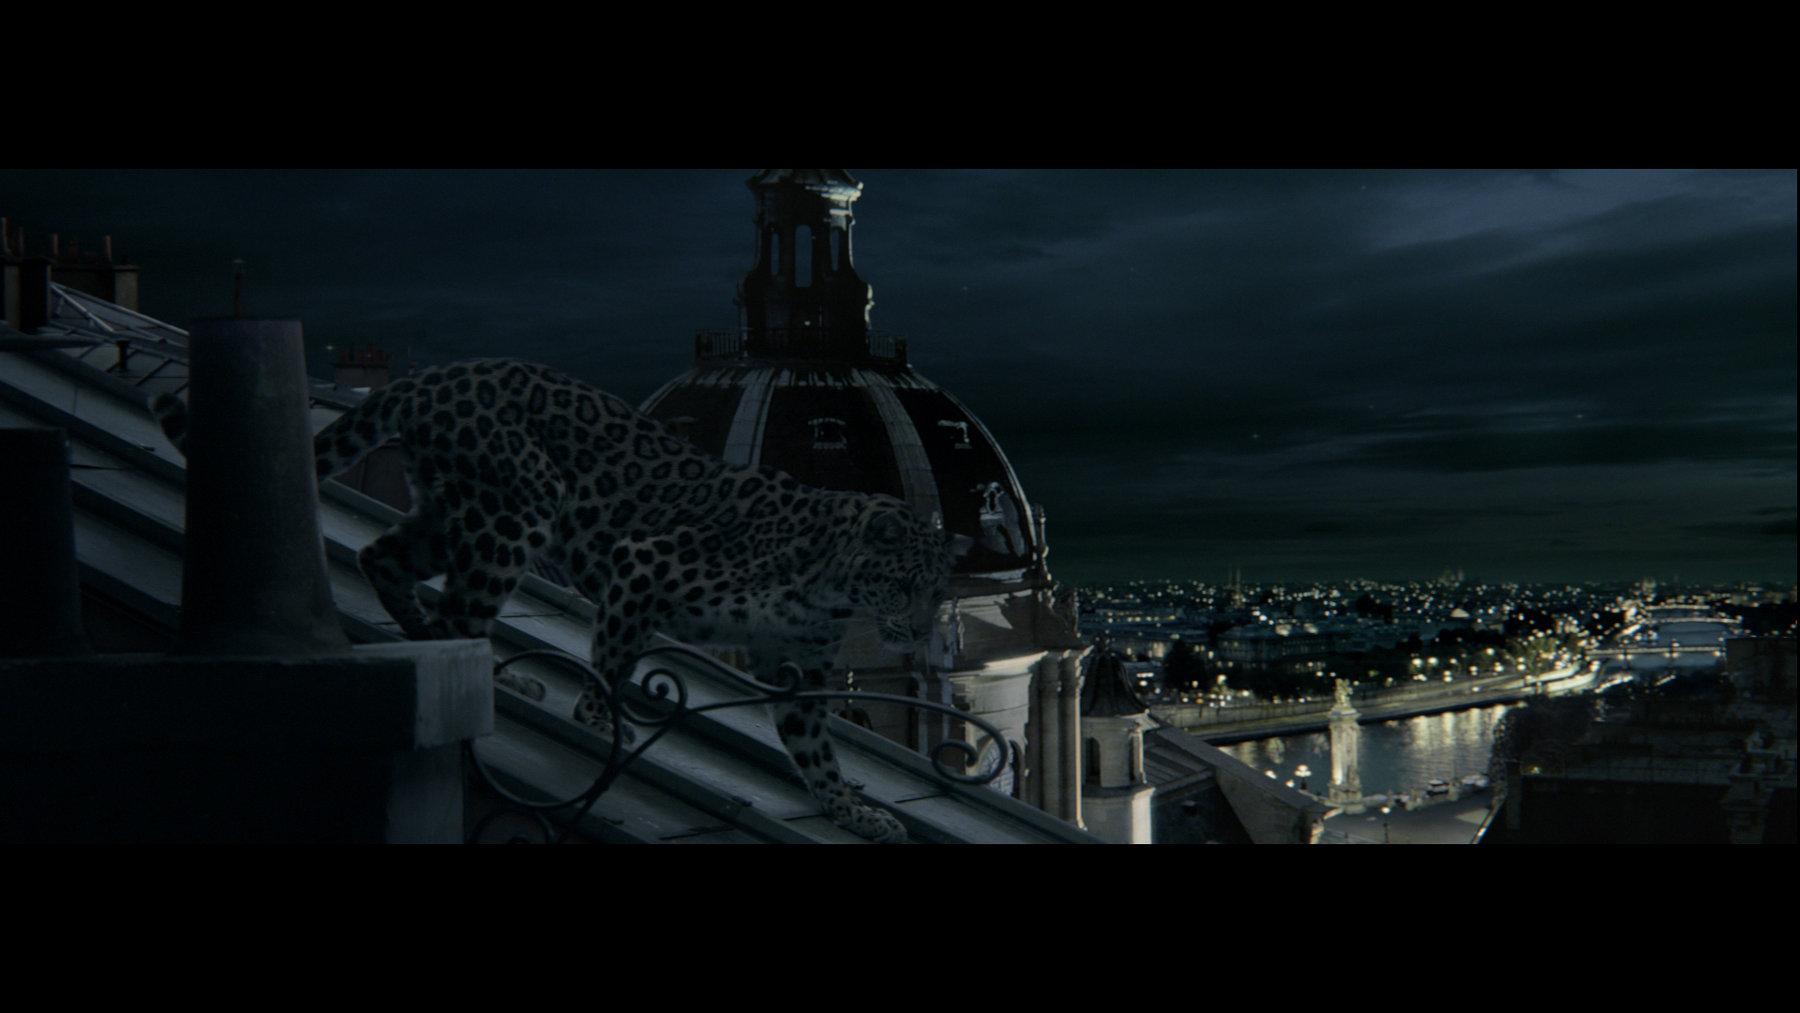 L'Odyssée de Cartier - The Panther